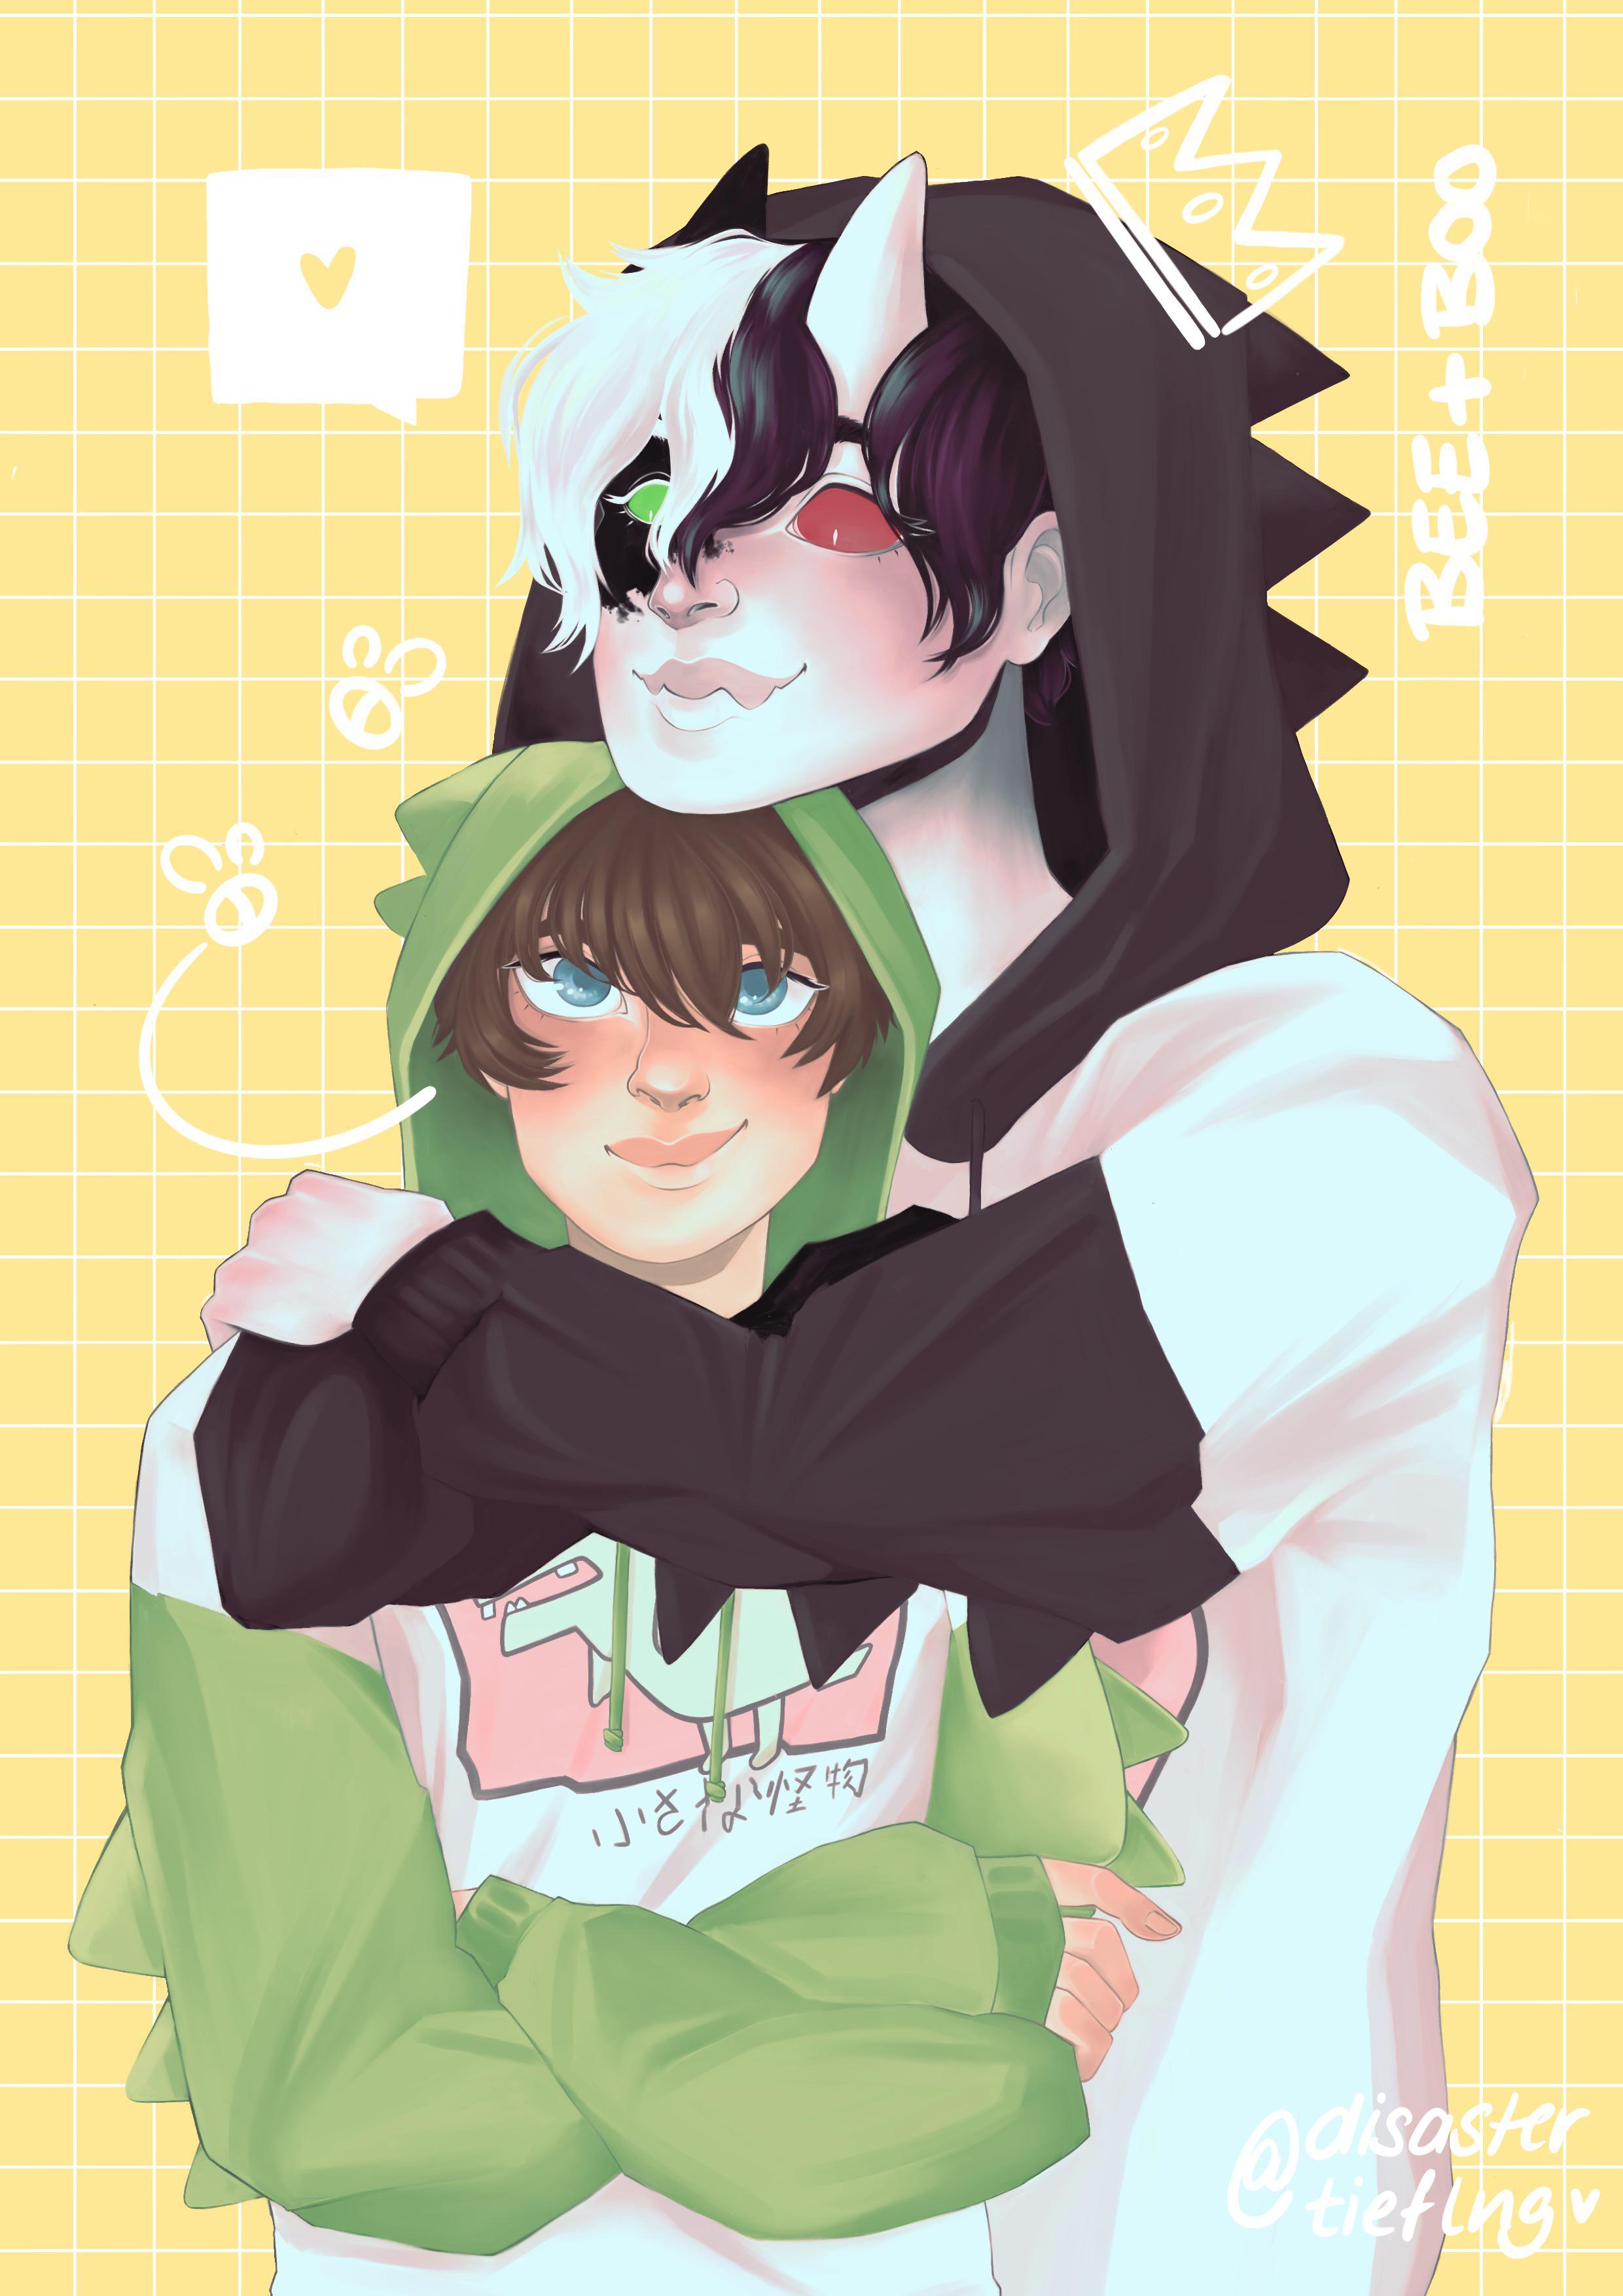 Matching Anime Hoodies : matching, anime, hoodies, Matching, Hoodies, Tubbo_